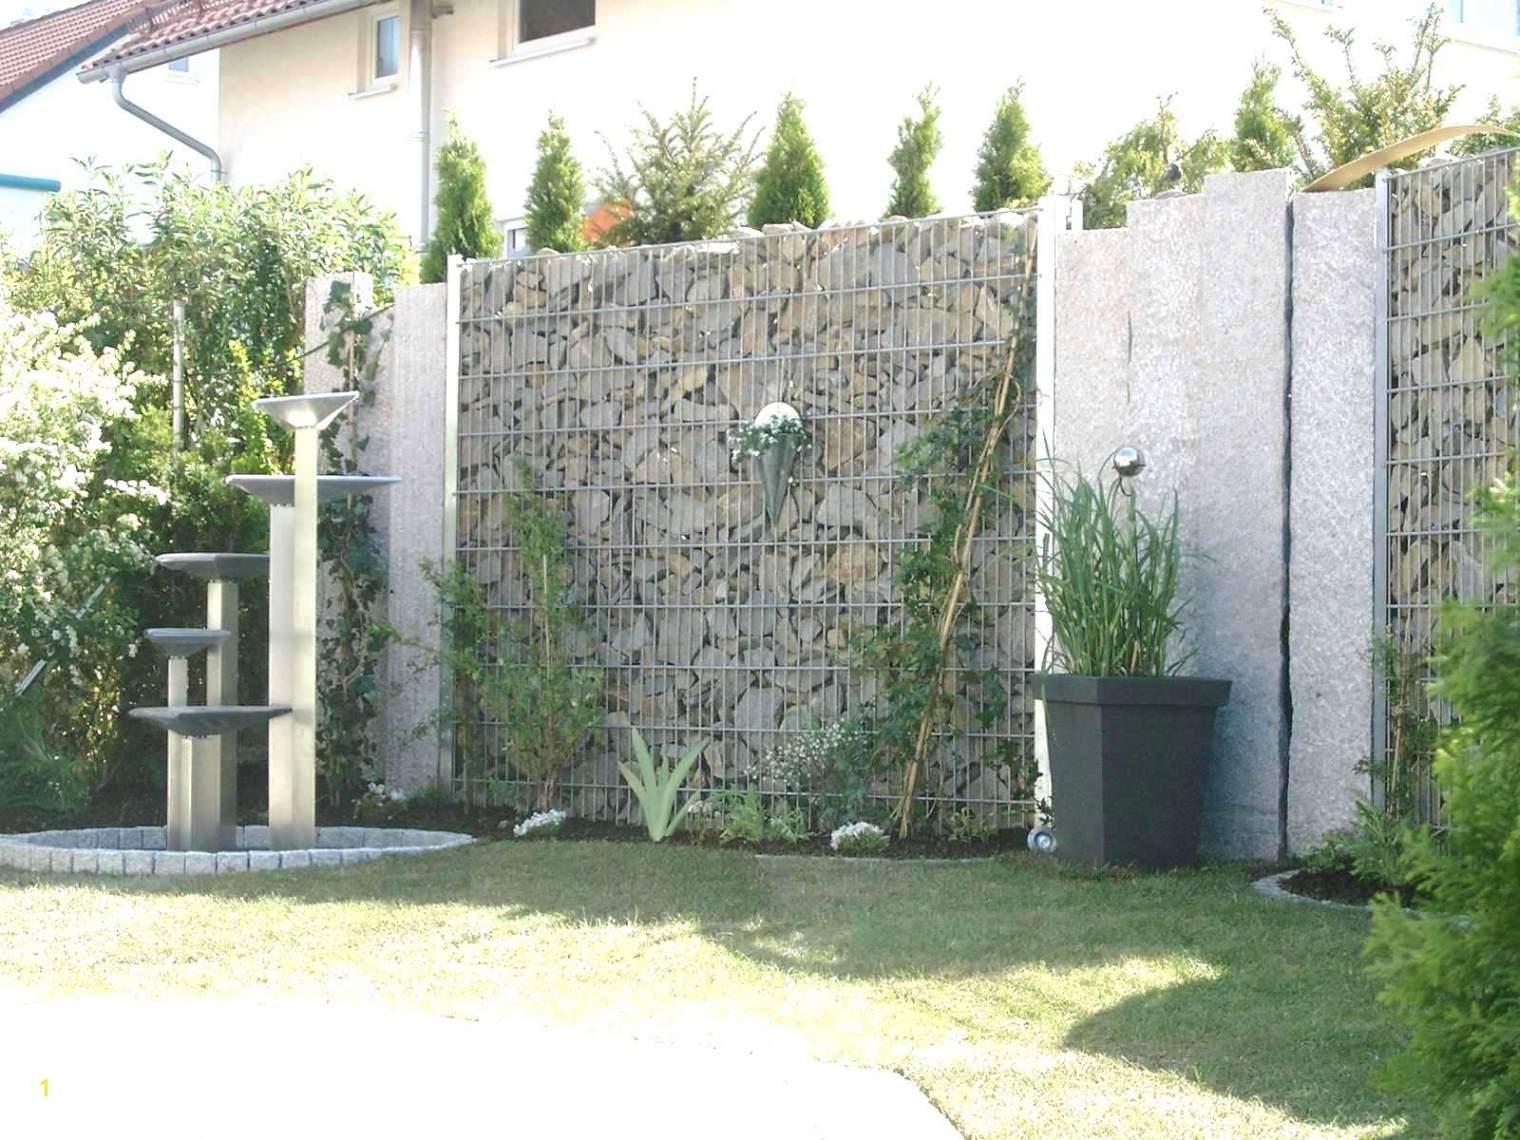 sichtschutz aus pflanzen neu inspirierend terrasse sichtschutz hohe pflanzen als sichtschutz hohe pflanzen als sichtschutz